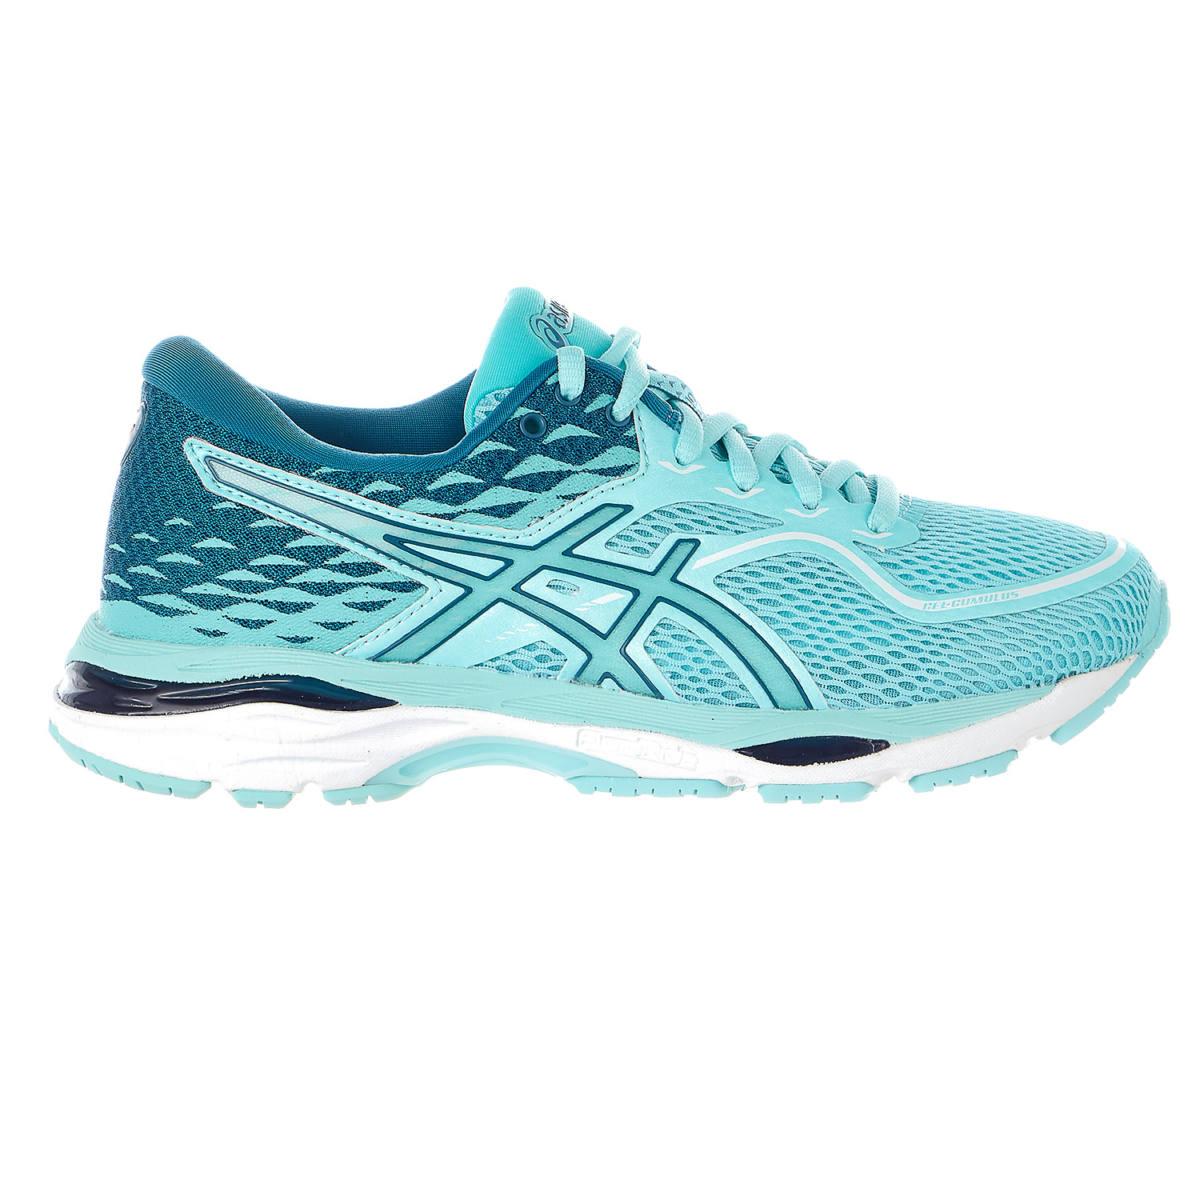 Όταν ξεκίνησα να παίρνω το τρέξιμο στα σοβαρά και αναβάθμισα τις επιλογές  μου στα αθλητικά παπούτσια 5cbf820edb5